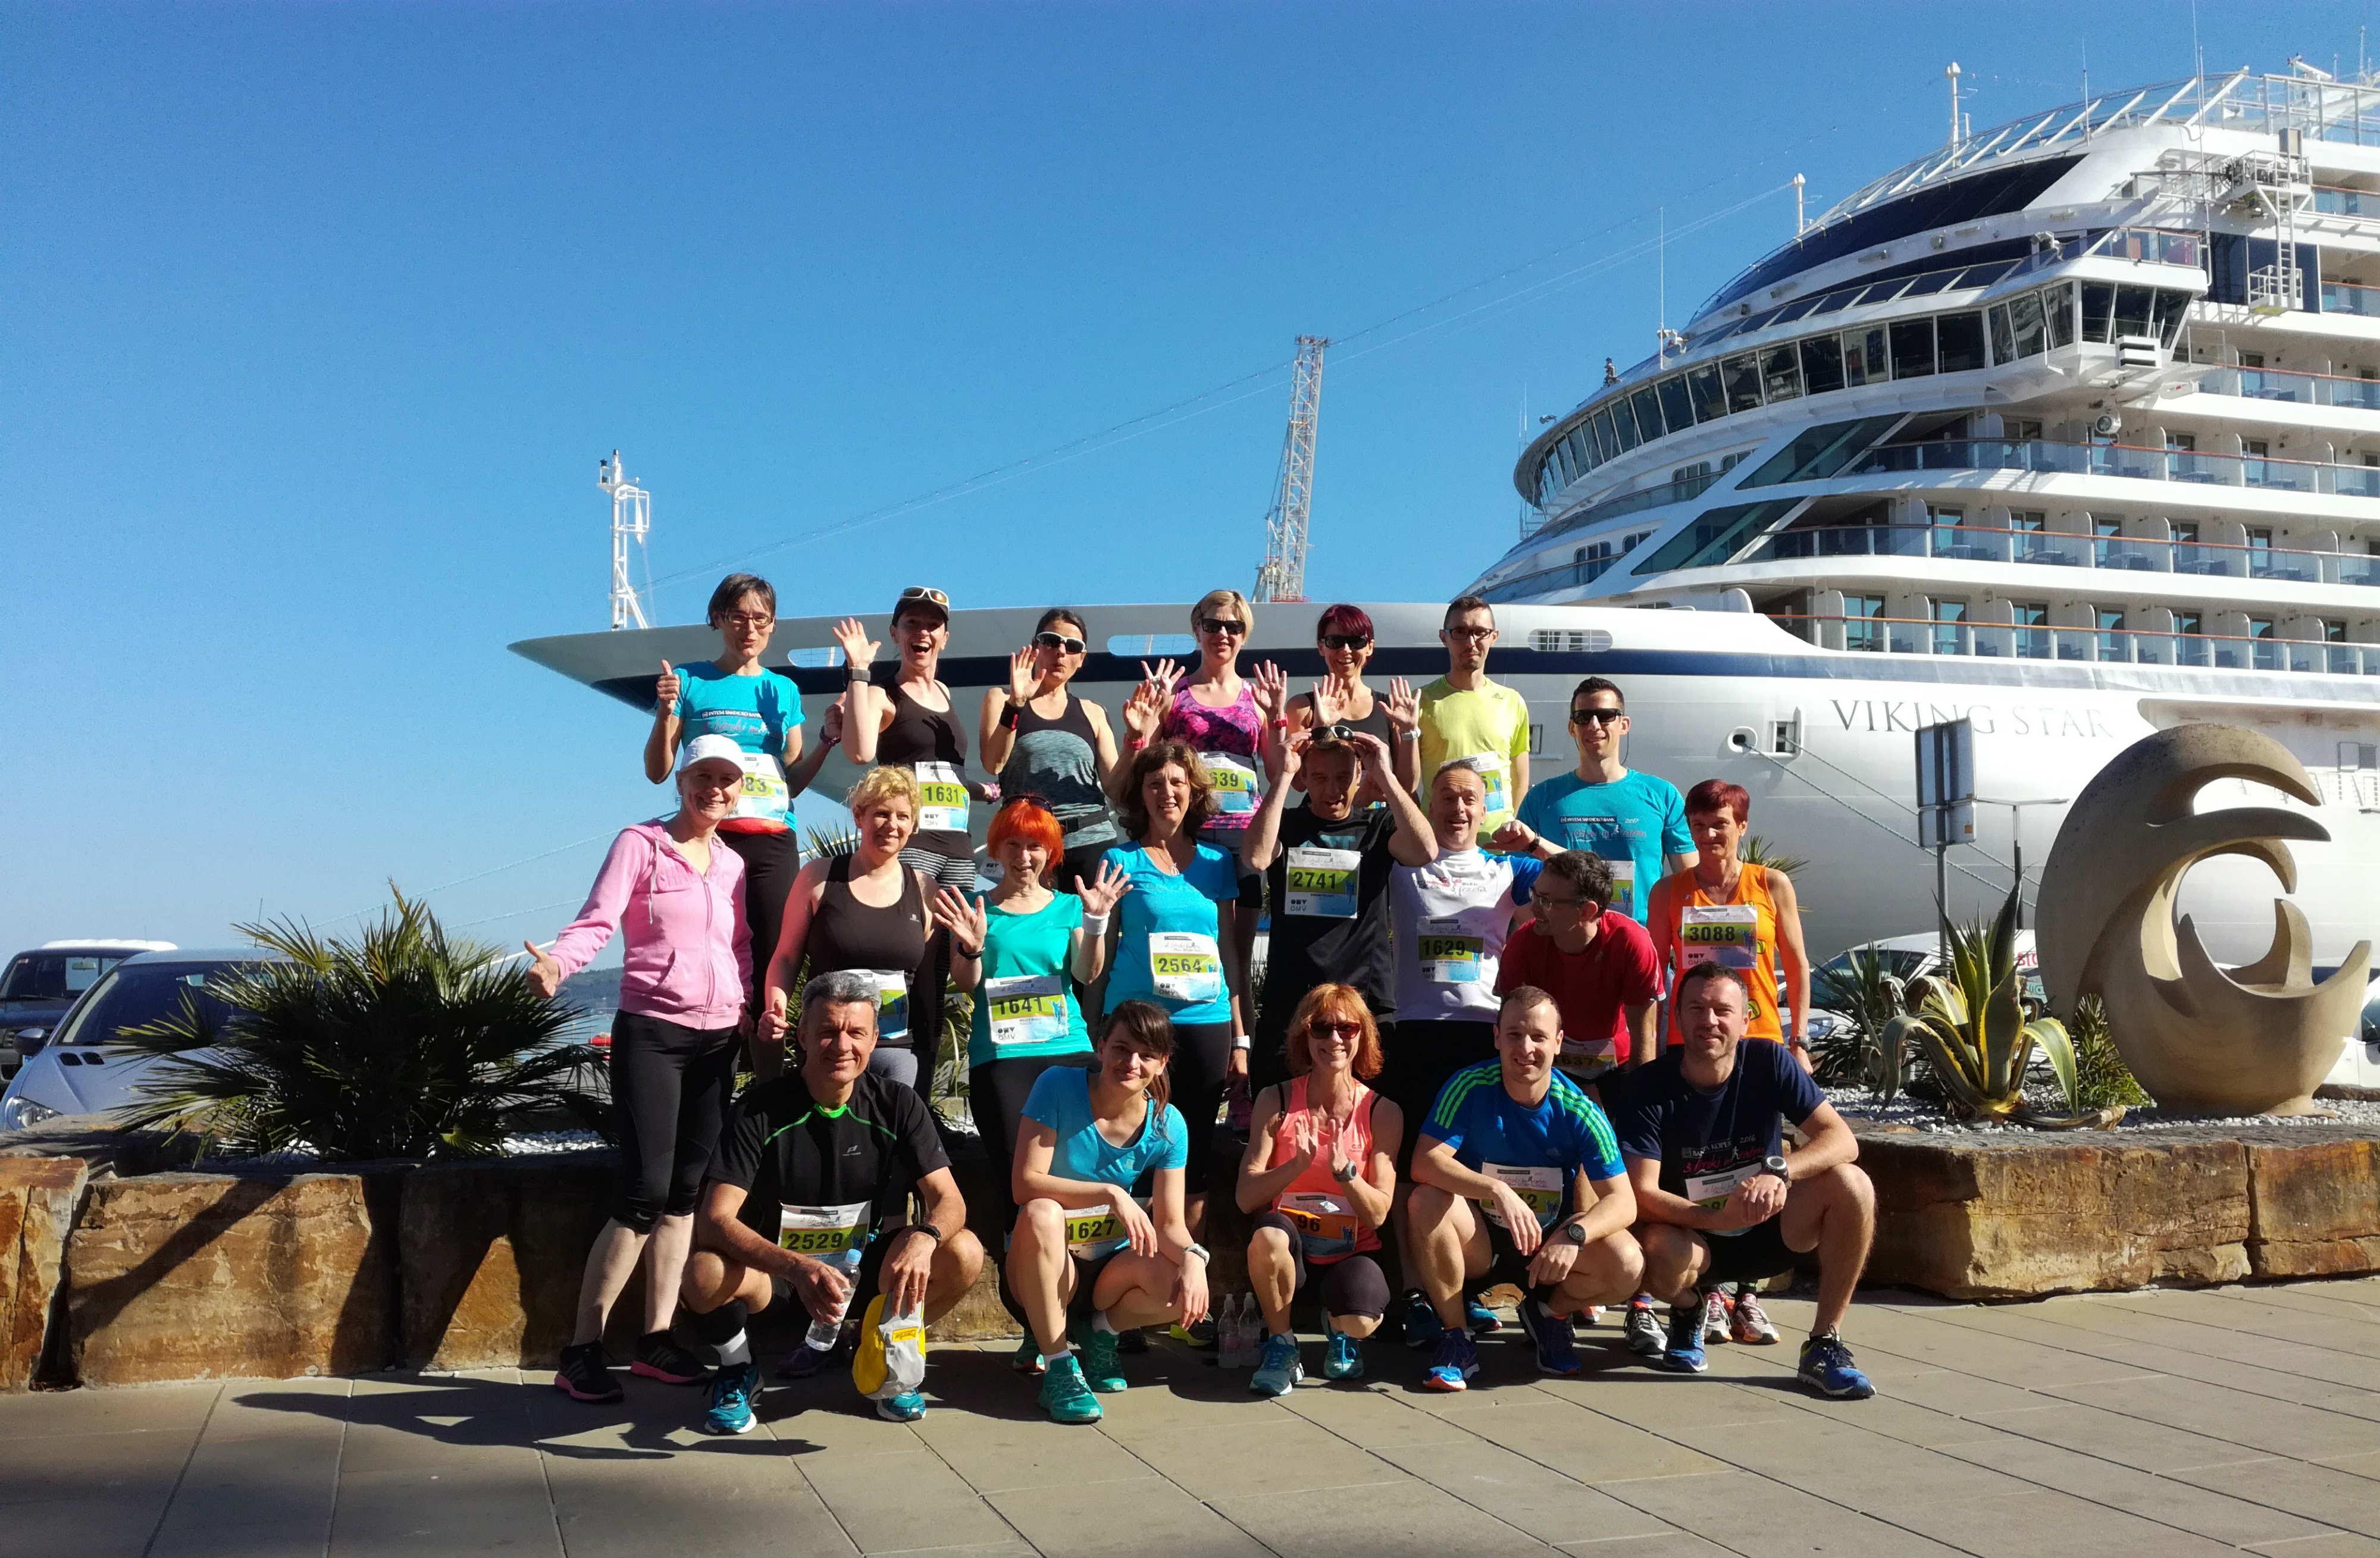 Istrski maraton skupinska slika KinVital